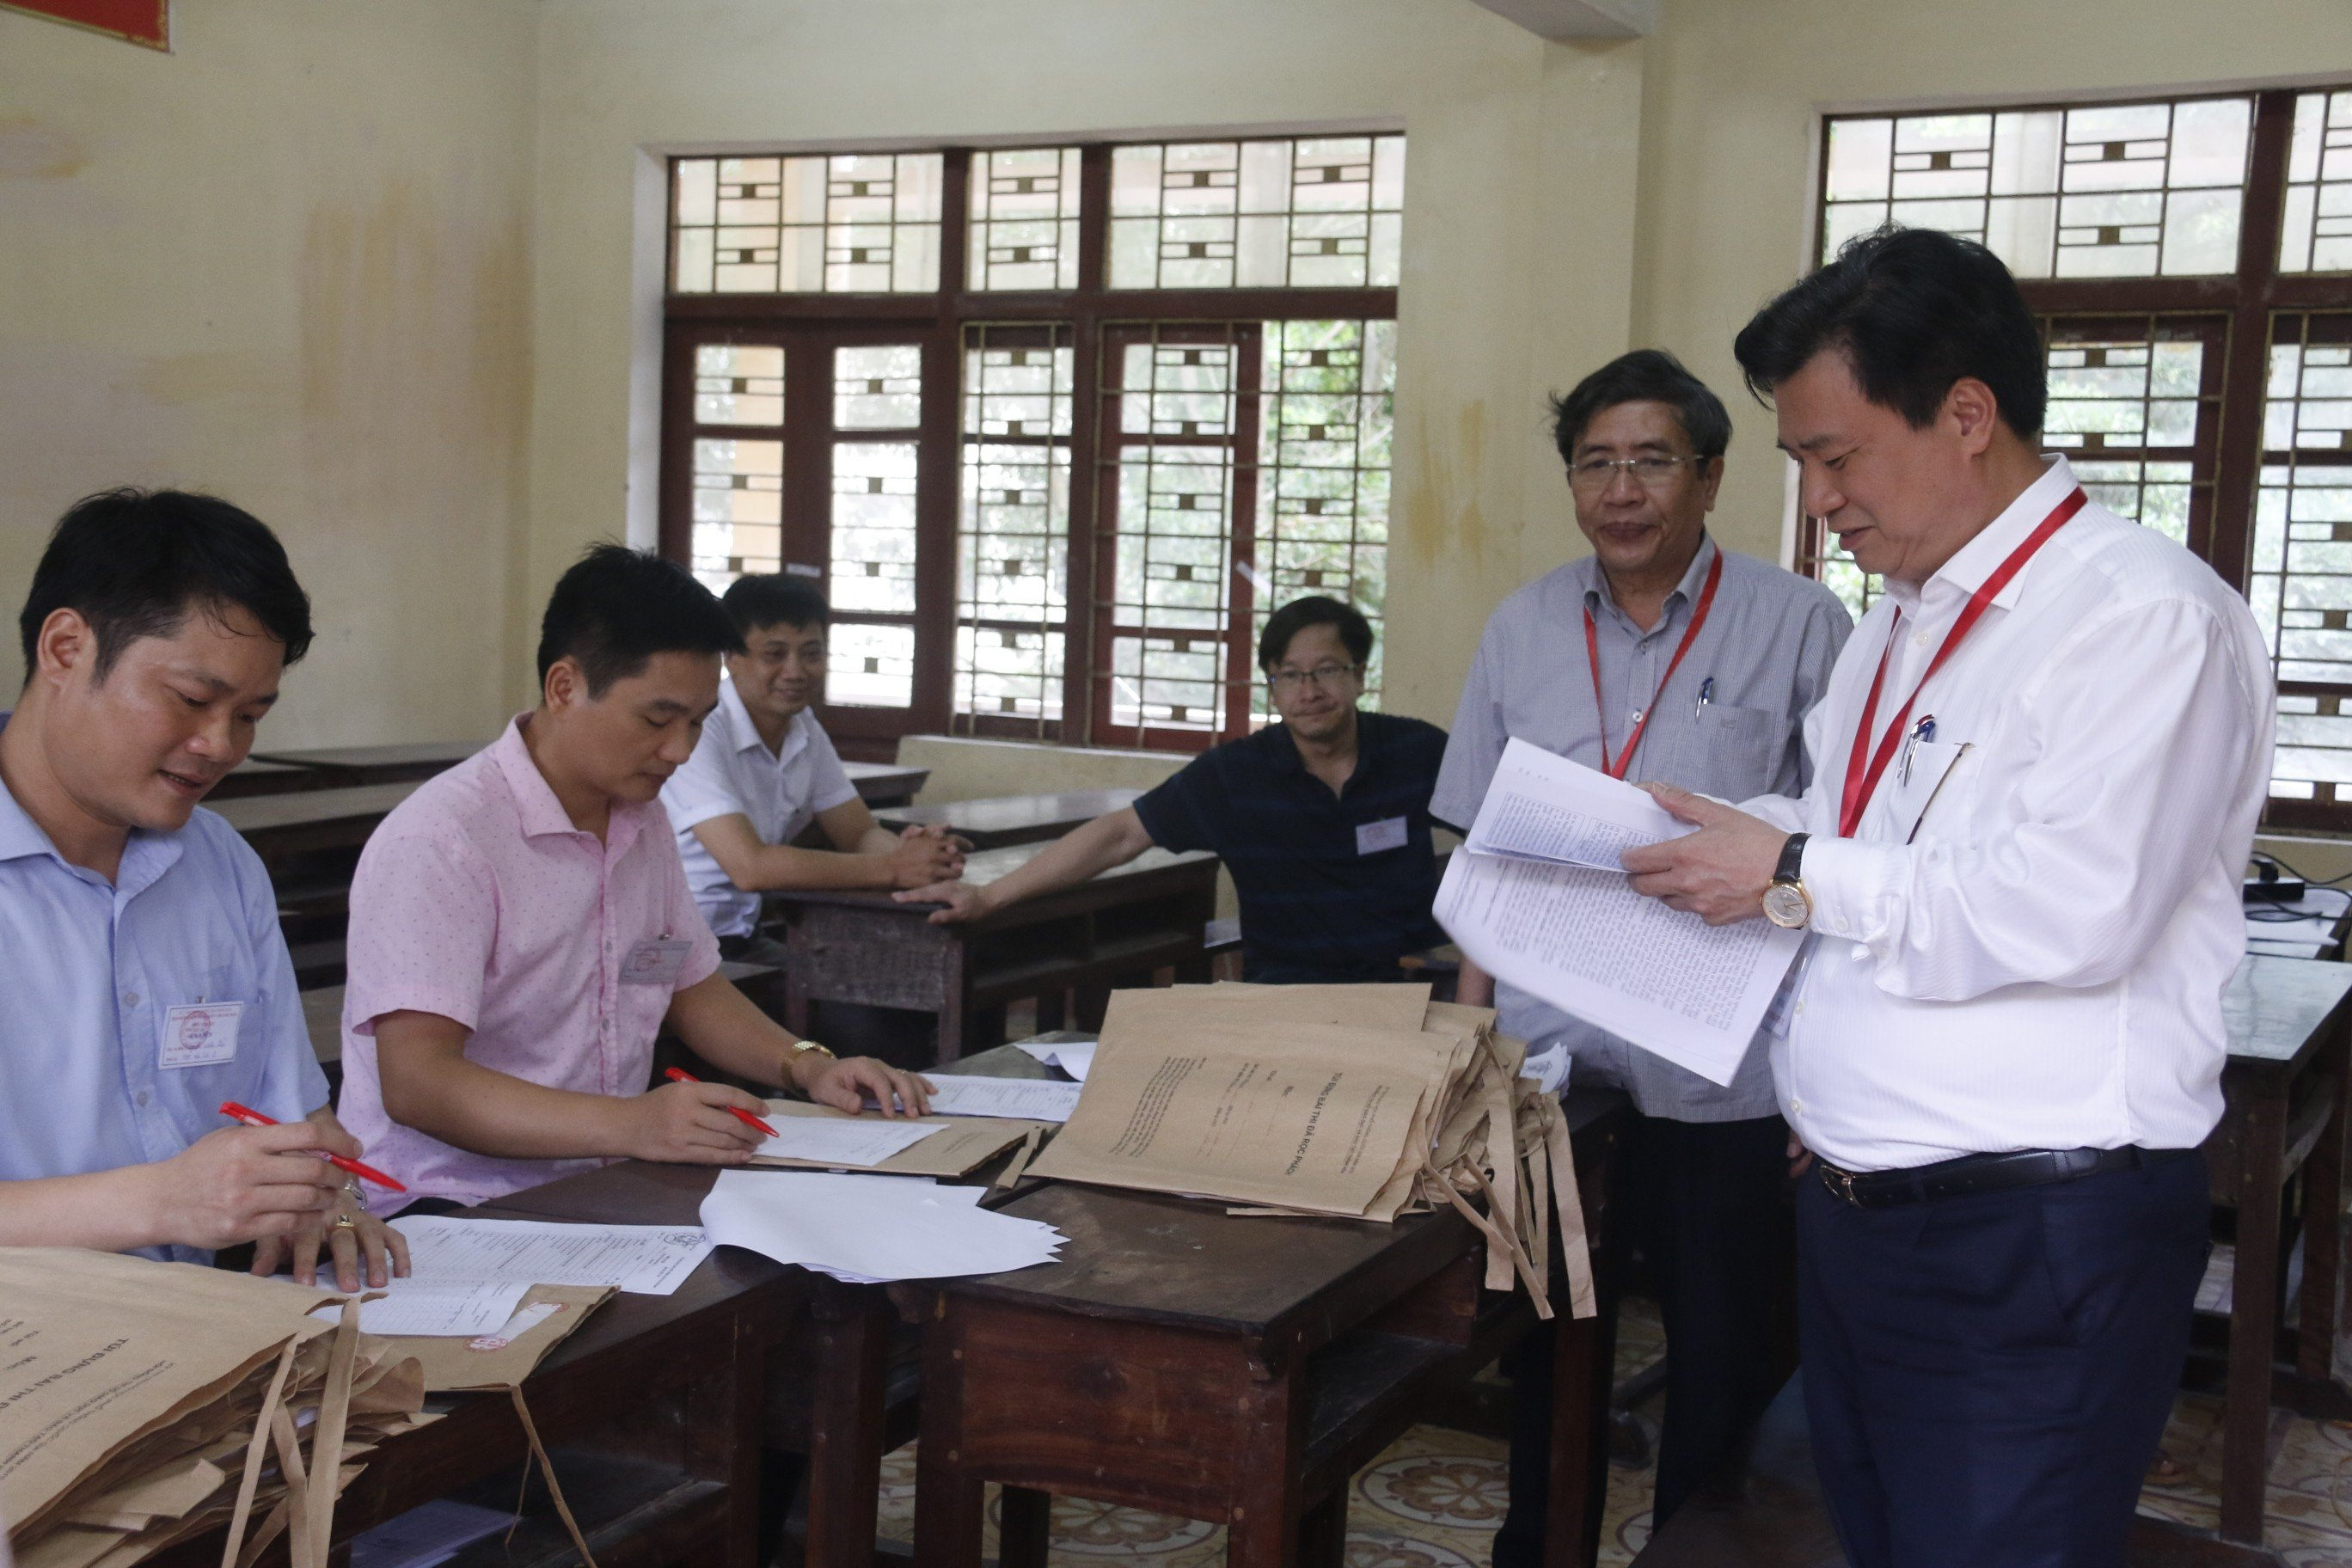 Chấm thi THPT Quốc gia ở Hòa Bình: 6% bài thi trắc nghiệm phải kiểm tra lại 1